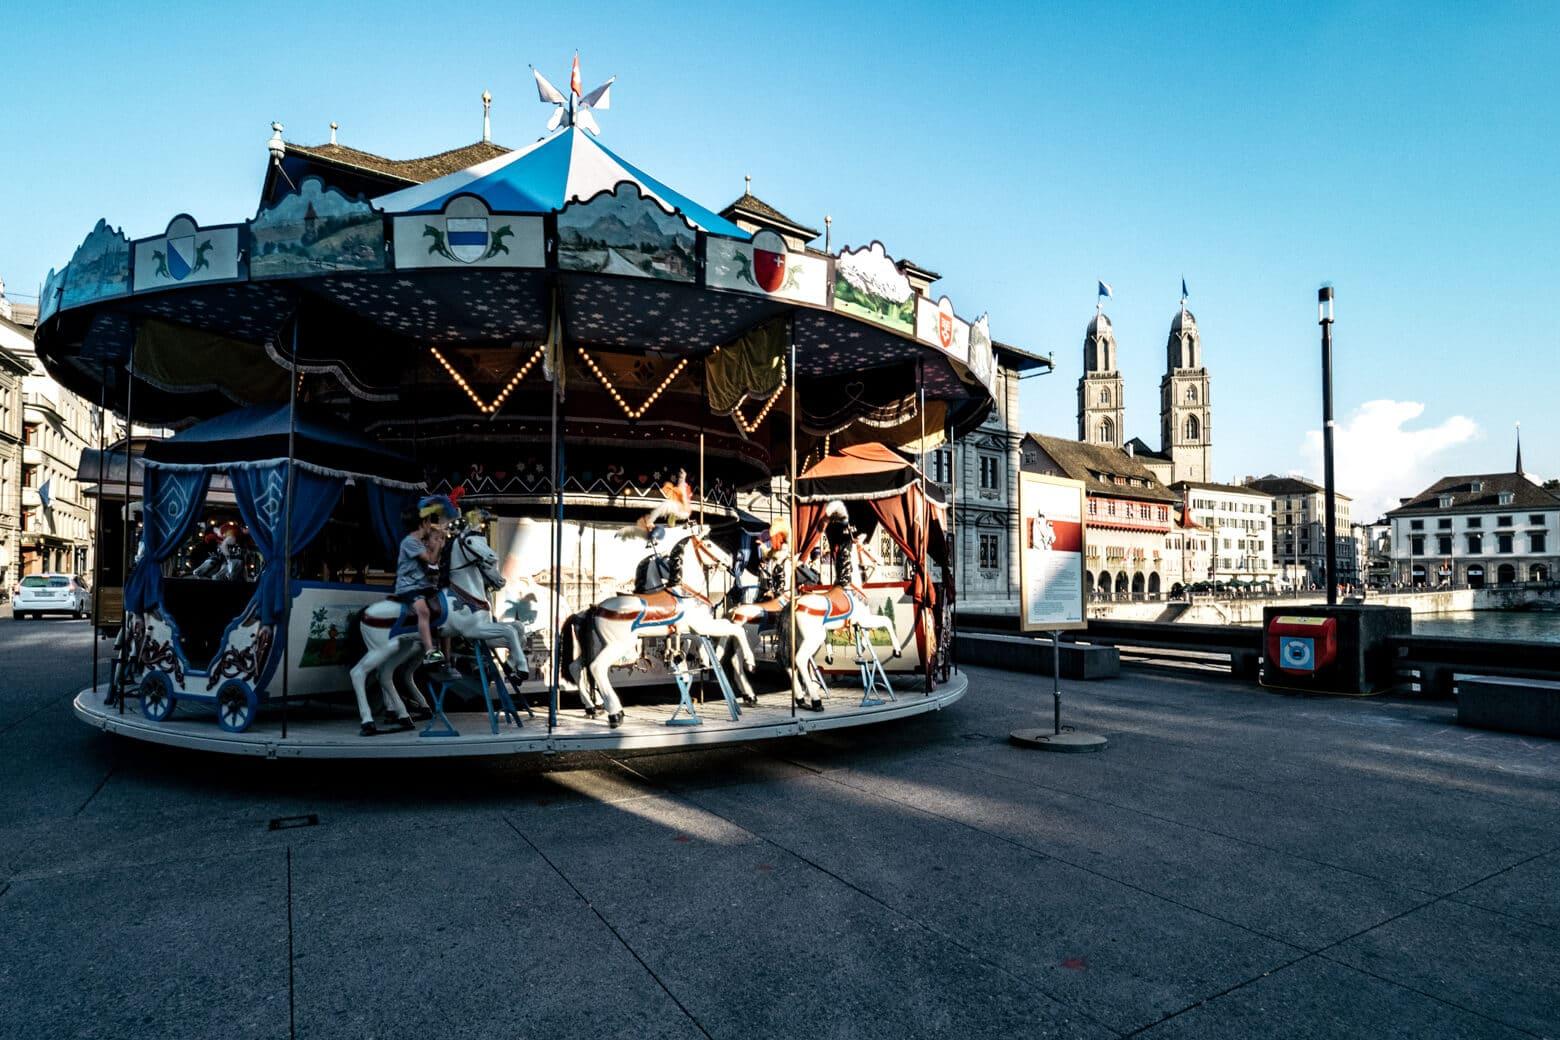 Carousel in Zurich, Switzerland